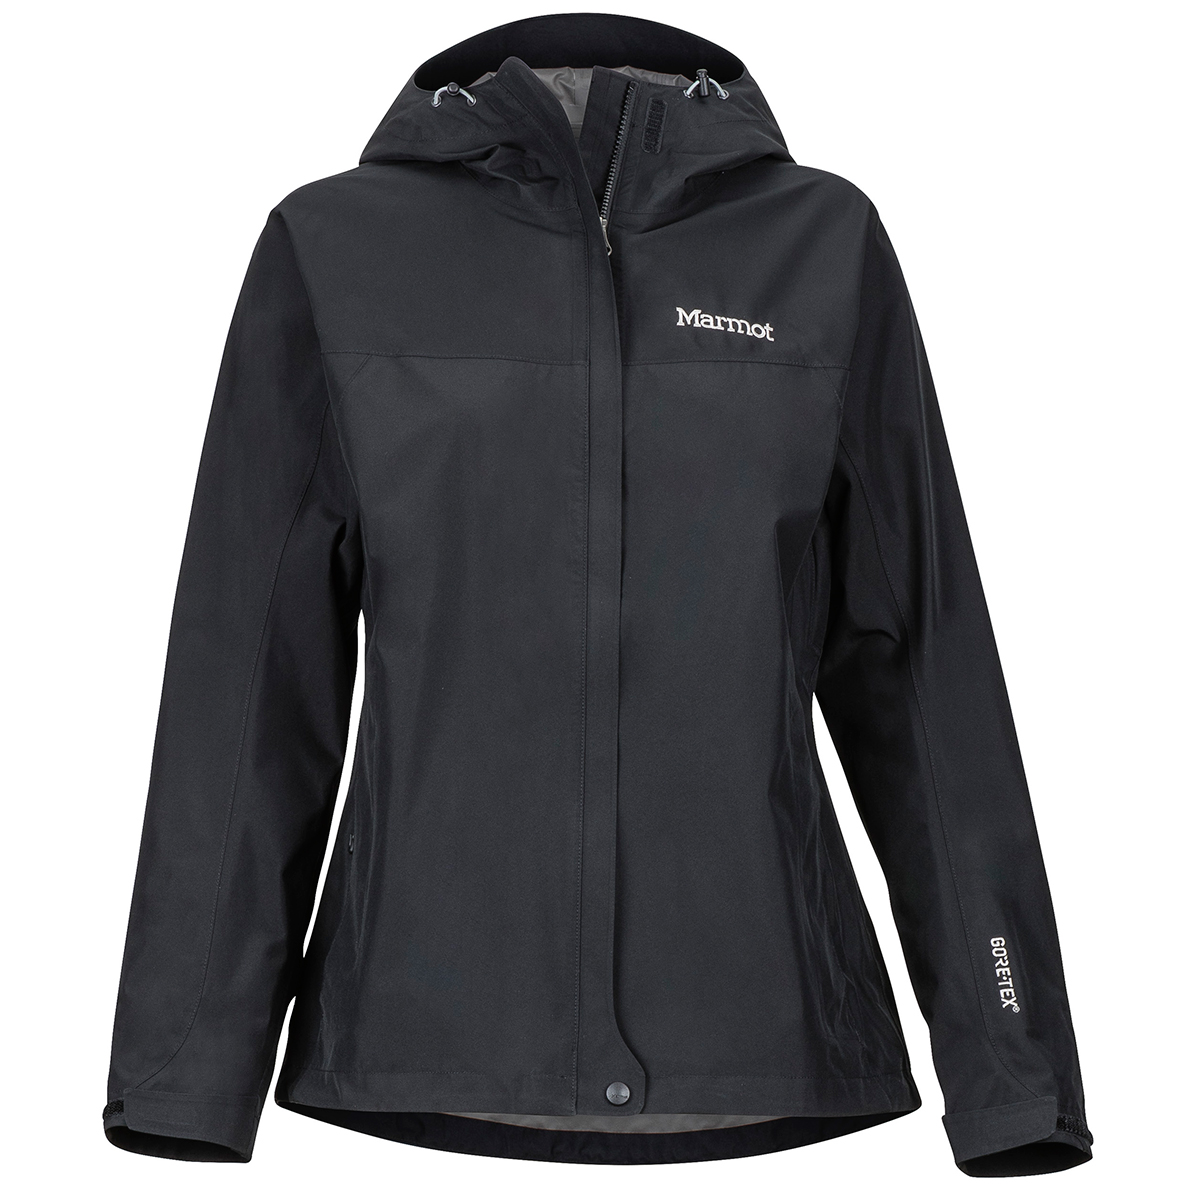 Marmot Women's Minimalist Waterproof Jacket - Black, L